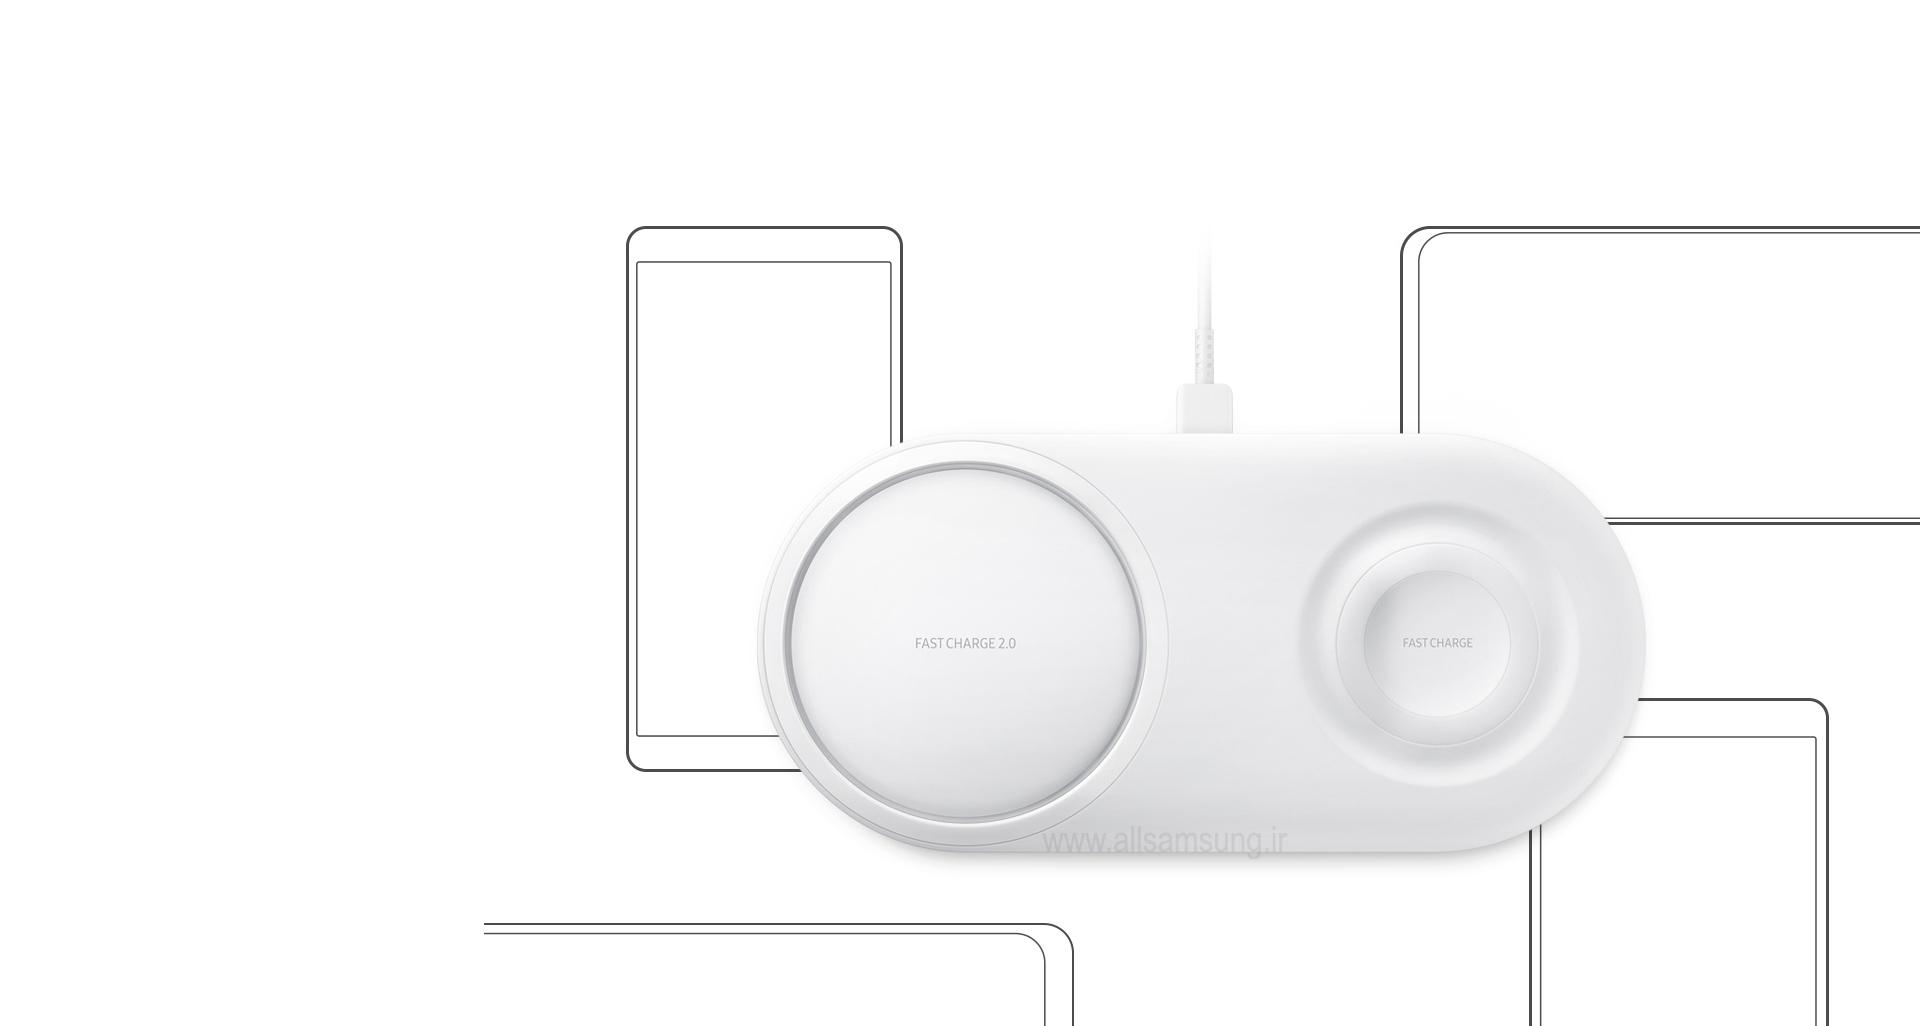 پد شارژر بی سیم Duo سازگار با دستگاه های Qi